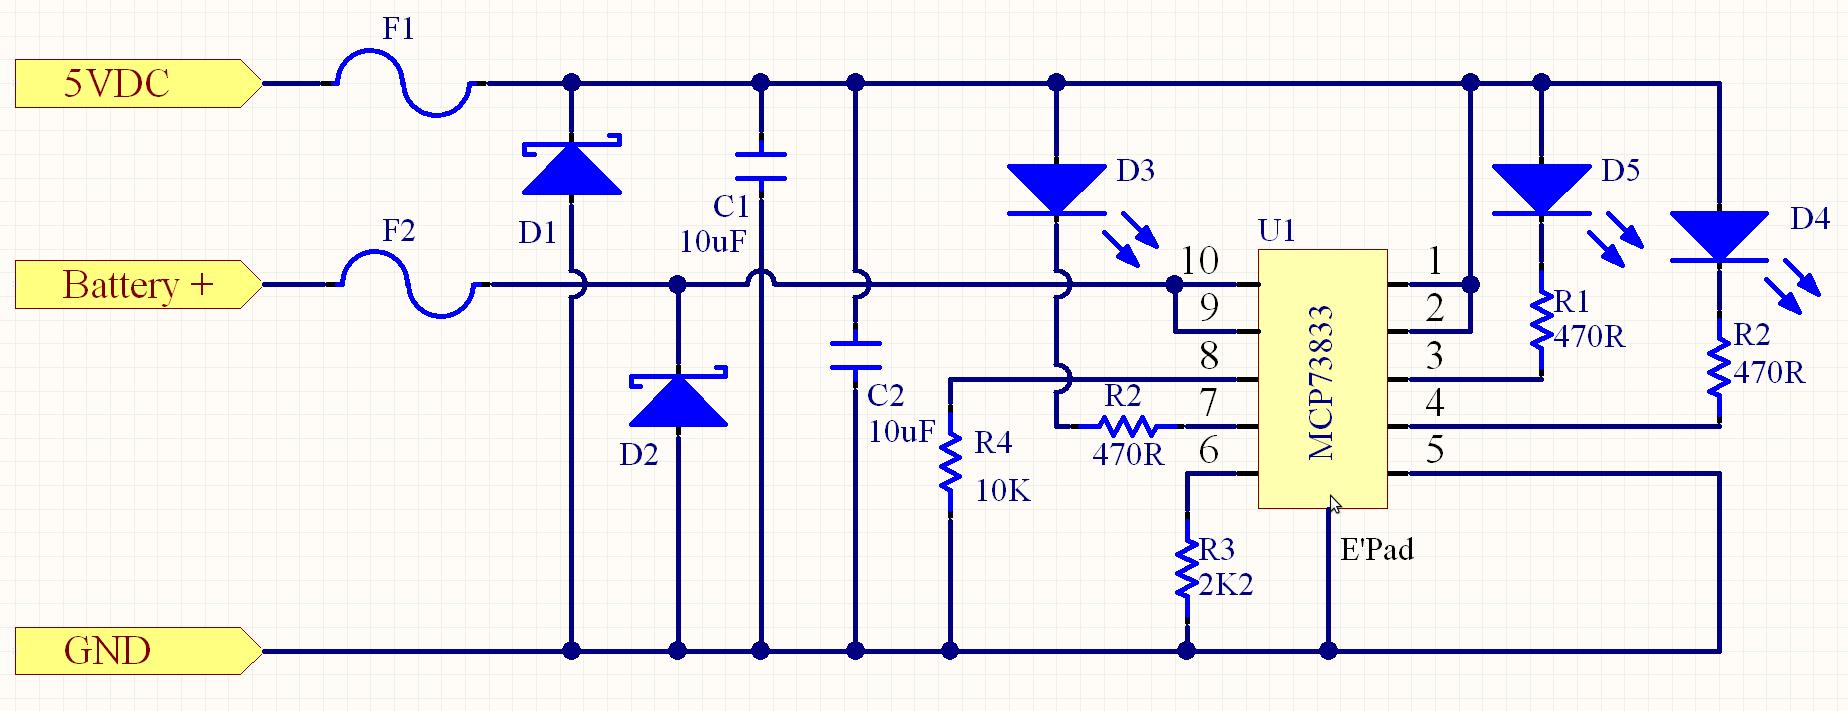 Thompson Submachine Gun Schematic Wire Data Schema Dc Motor Control Circuit Diagram Tradeoficcom Zip Schematics Shotgun Elsavadorla Blueprints Ww2